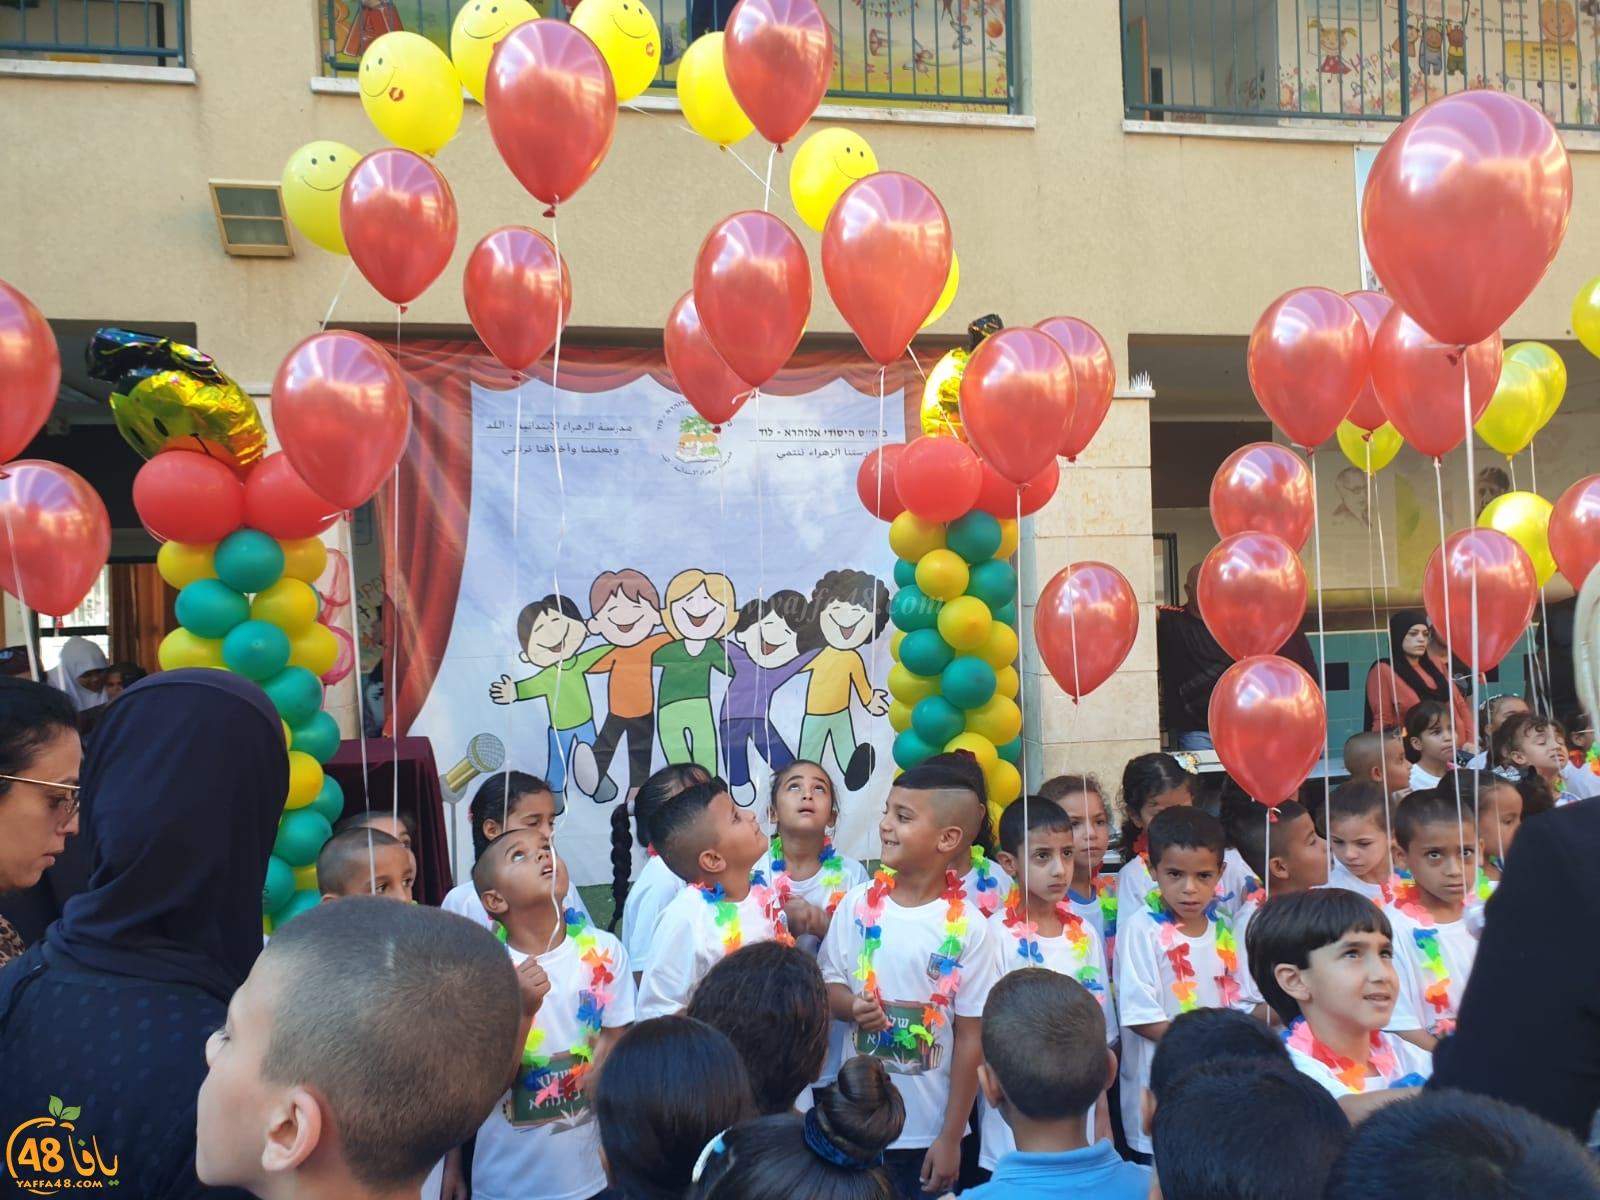 بالصور: افتتاح العام الدراسي الجديد في مدرسة الزهراء الابتدائية باللد